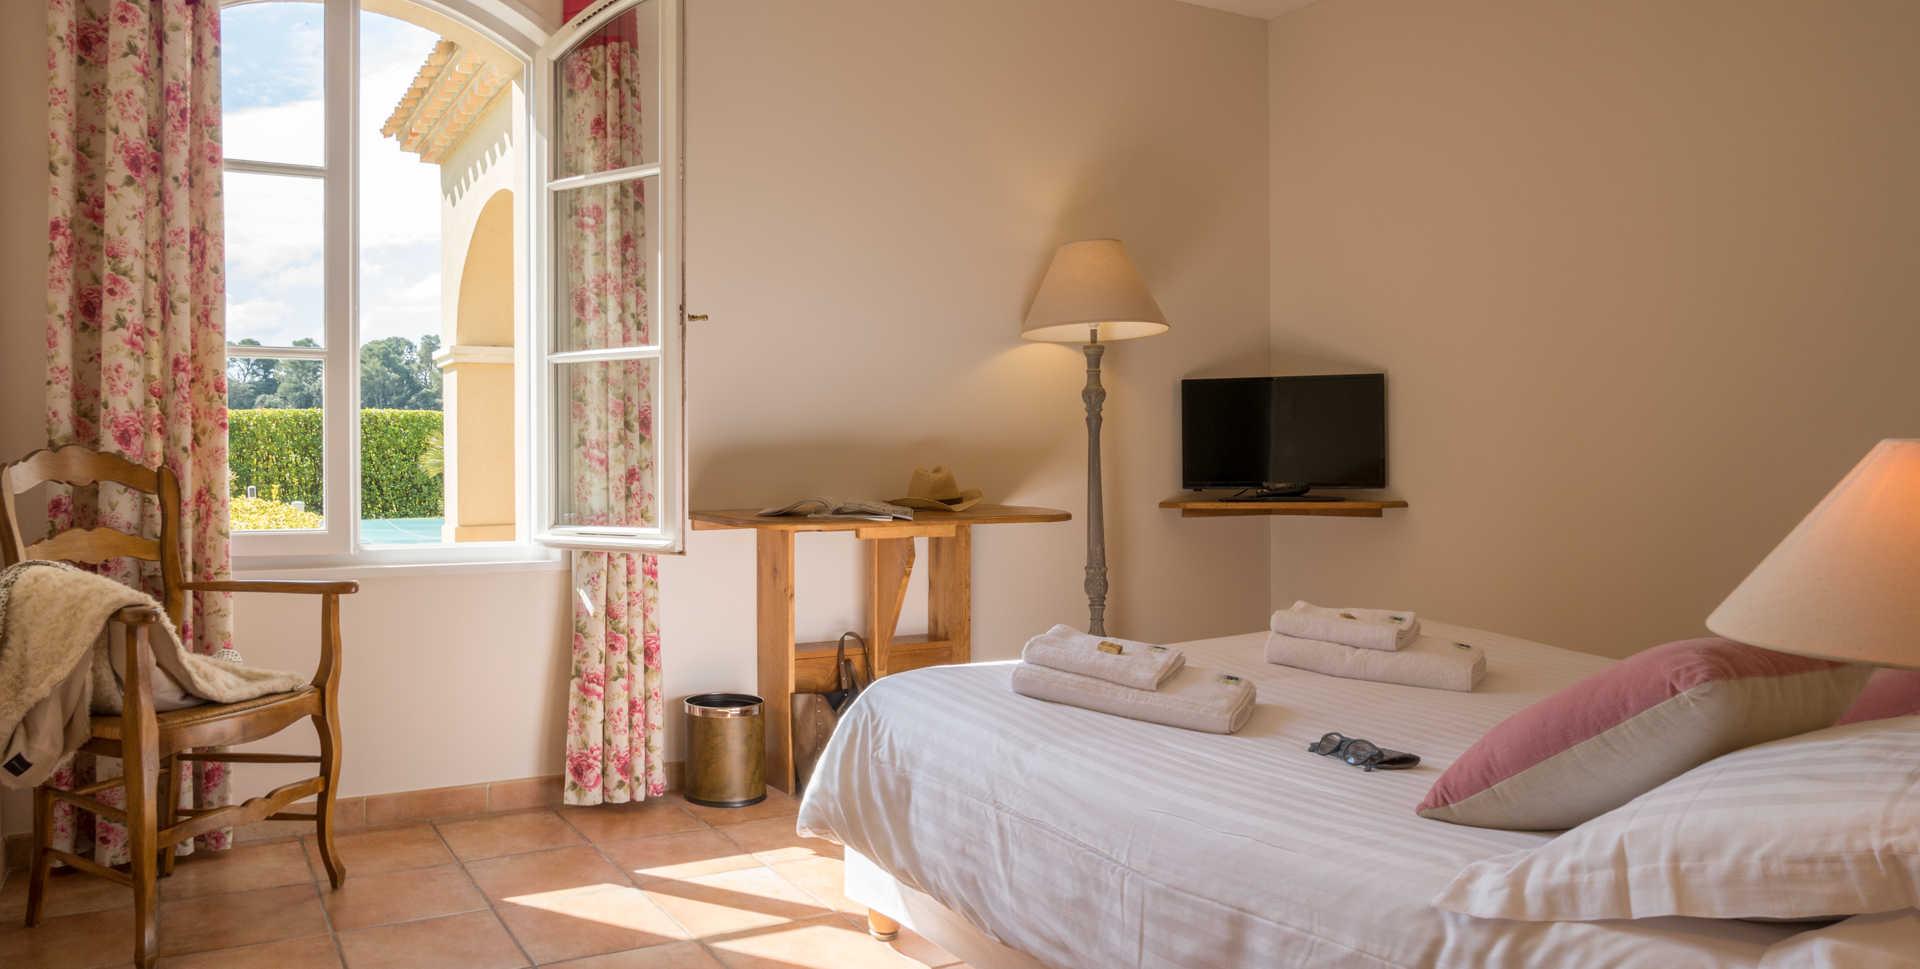 Hôtel Bastide Saint-Martin – Carcassonne (Aude, 11)